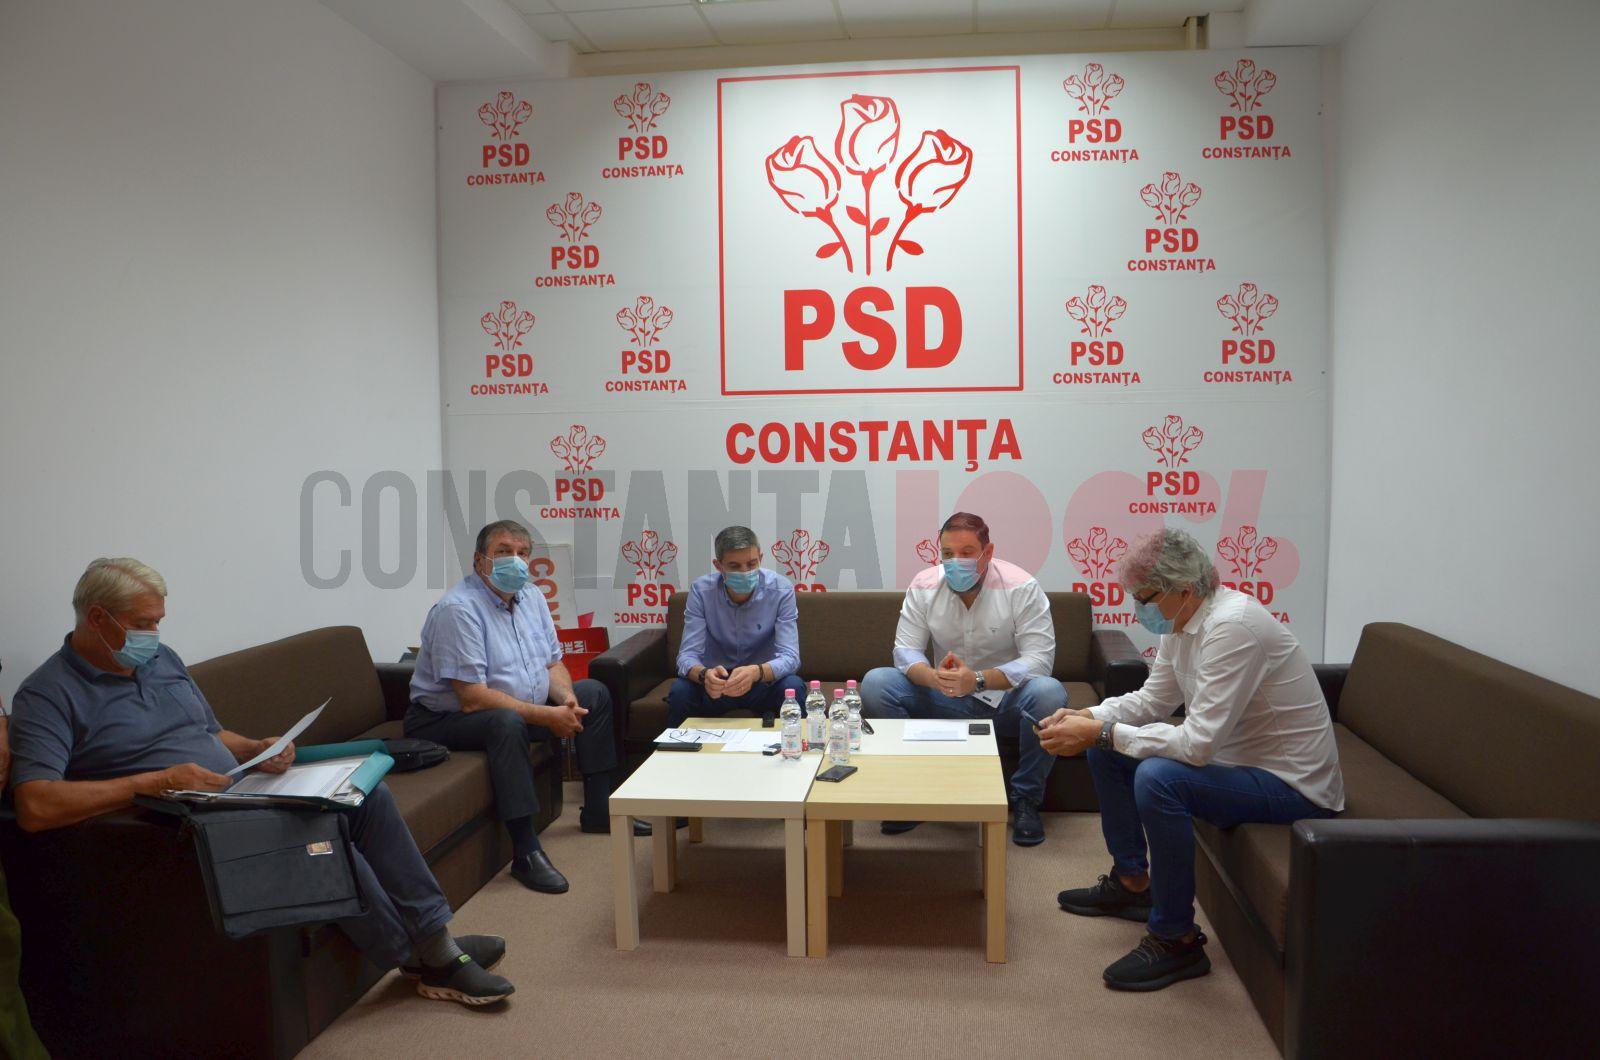 Conferință de presă la sediul PSD Constanța. Din stânga în dreapta: Nicolae Moga, Ștefan Mihu, George Vișan și Radu Babuș